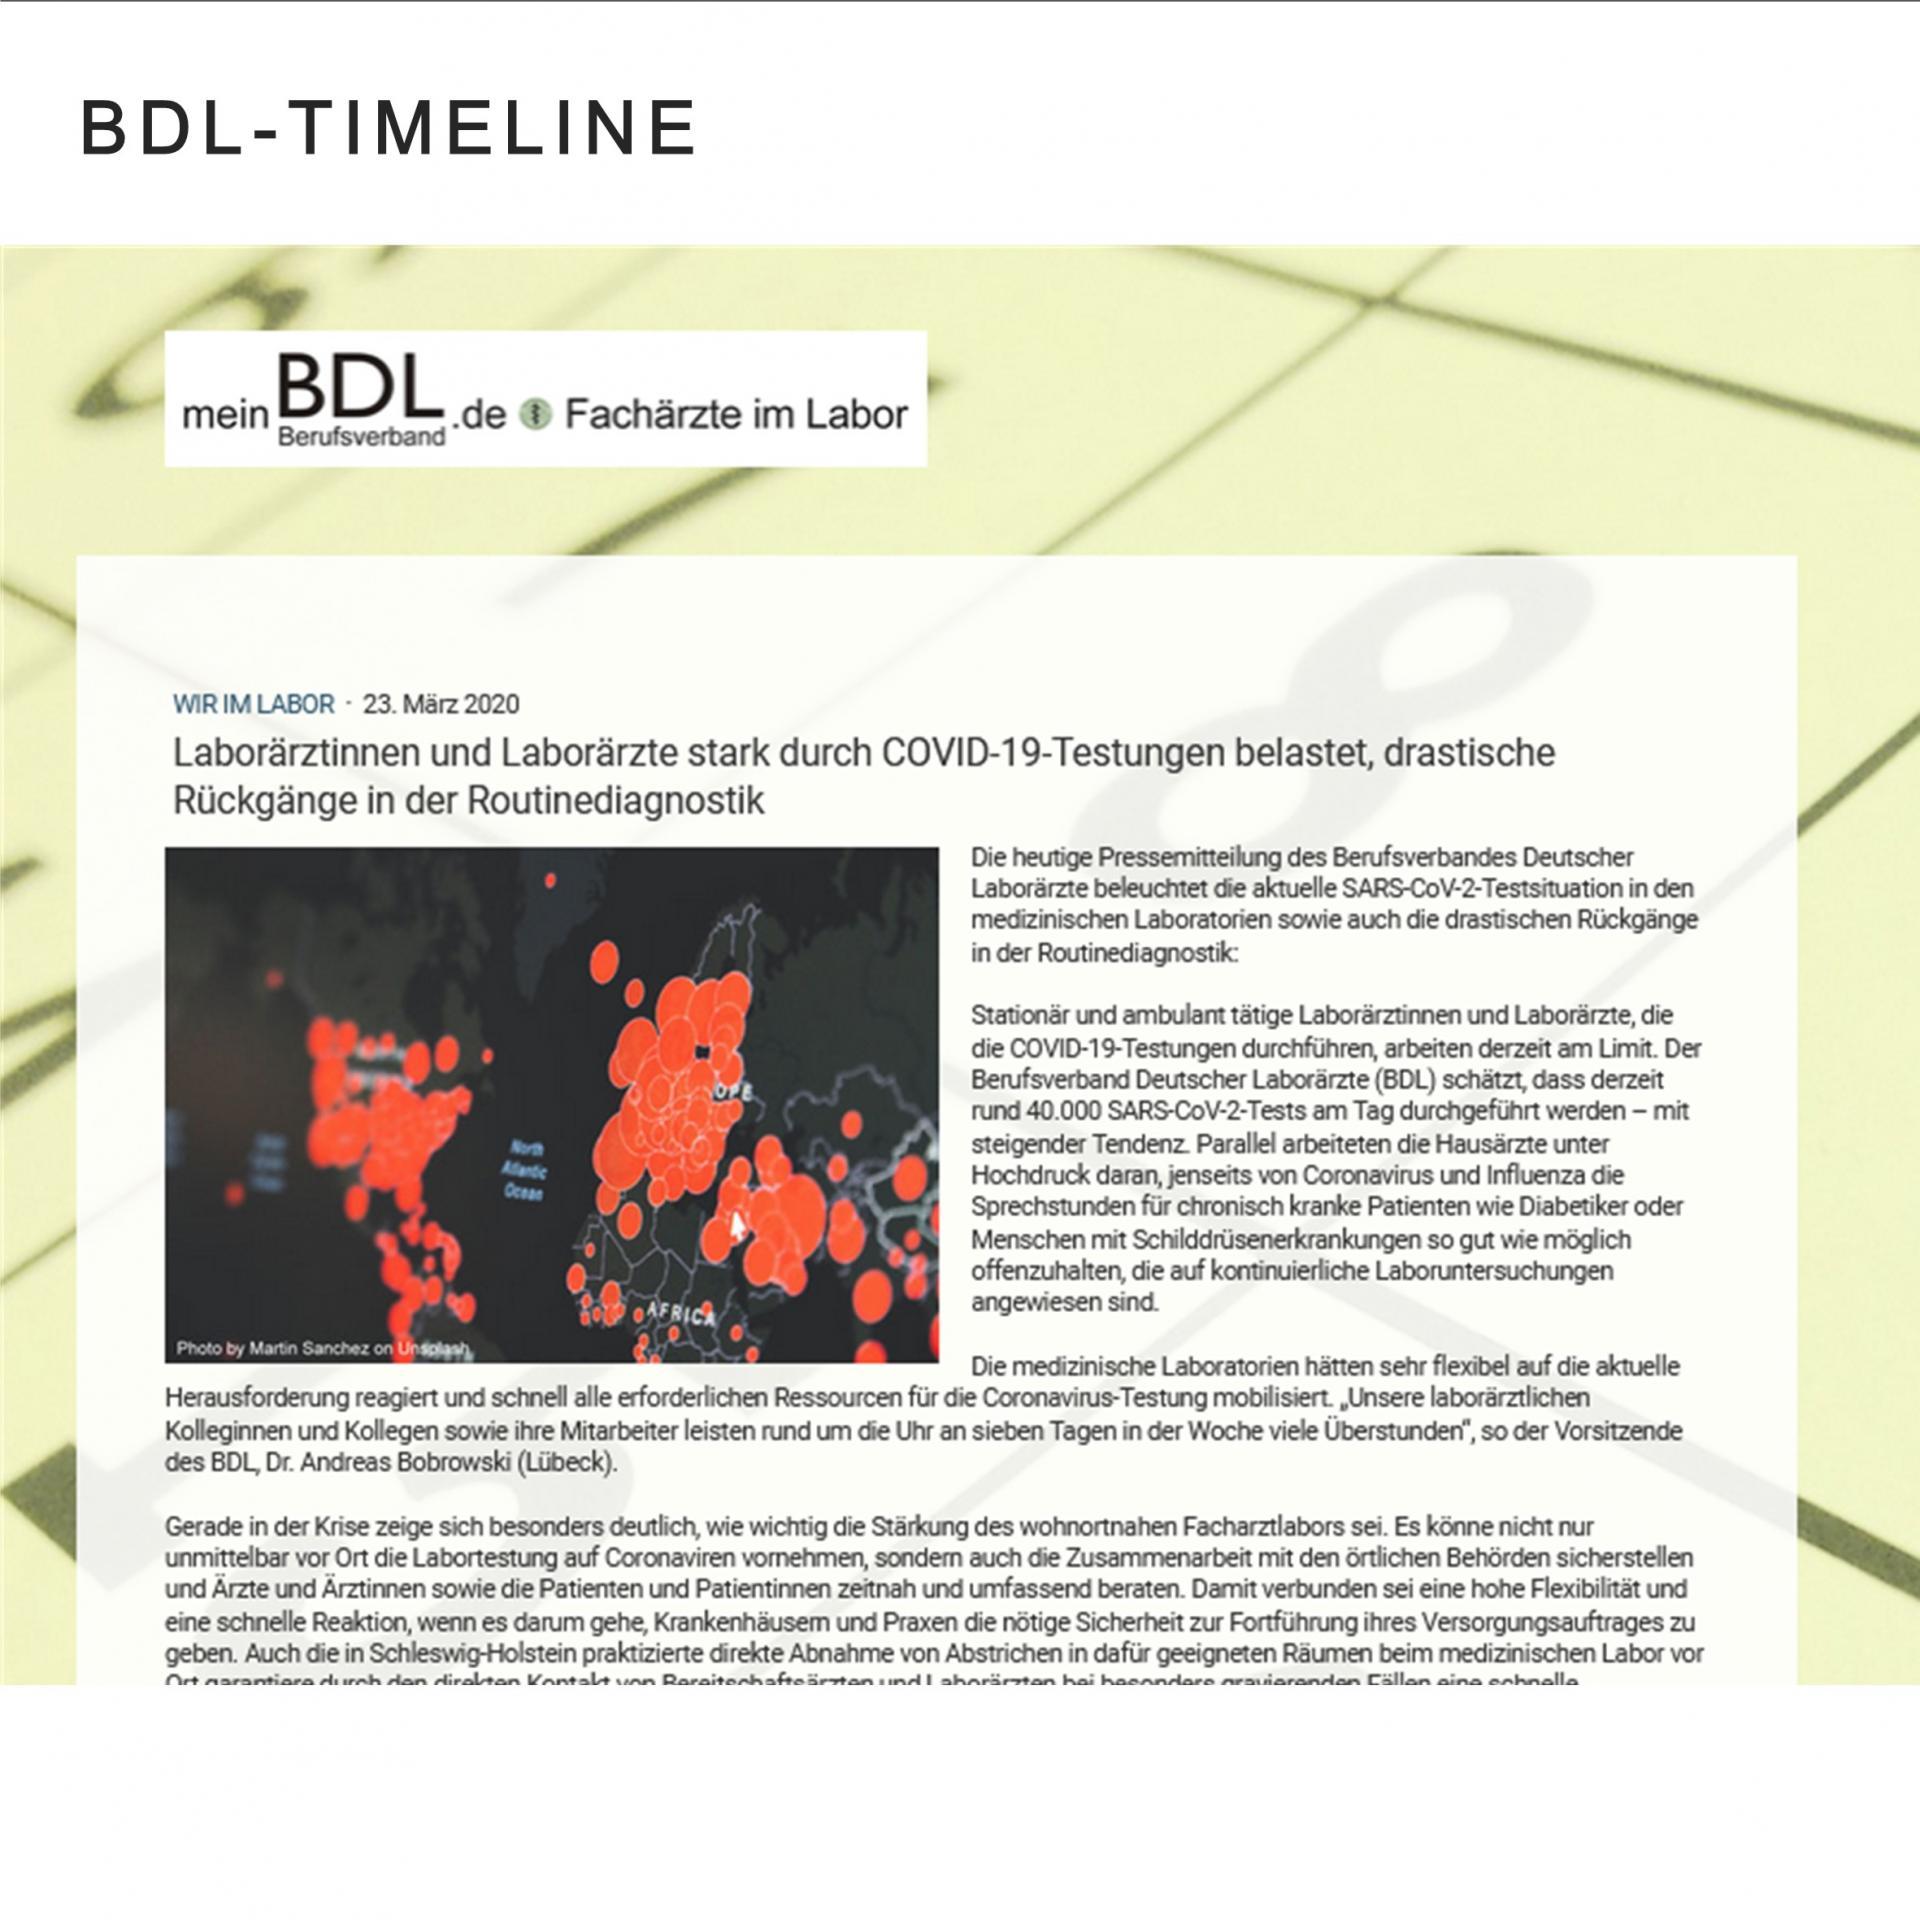 BDL-Timeline (externer Link)